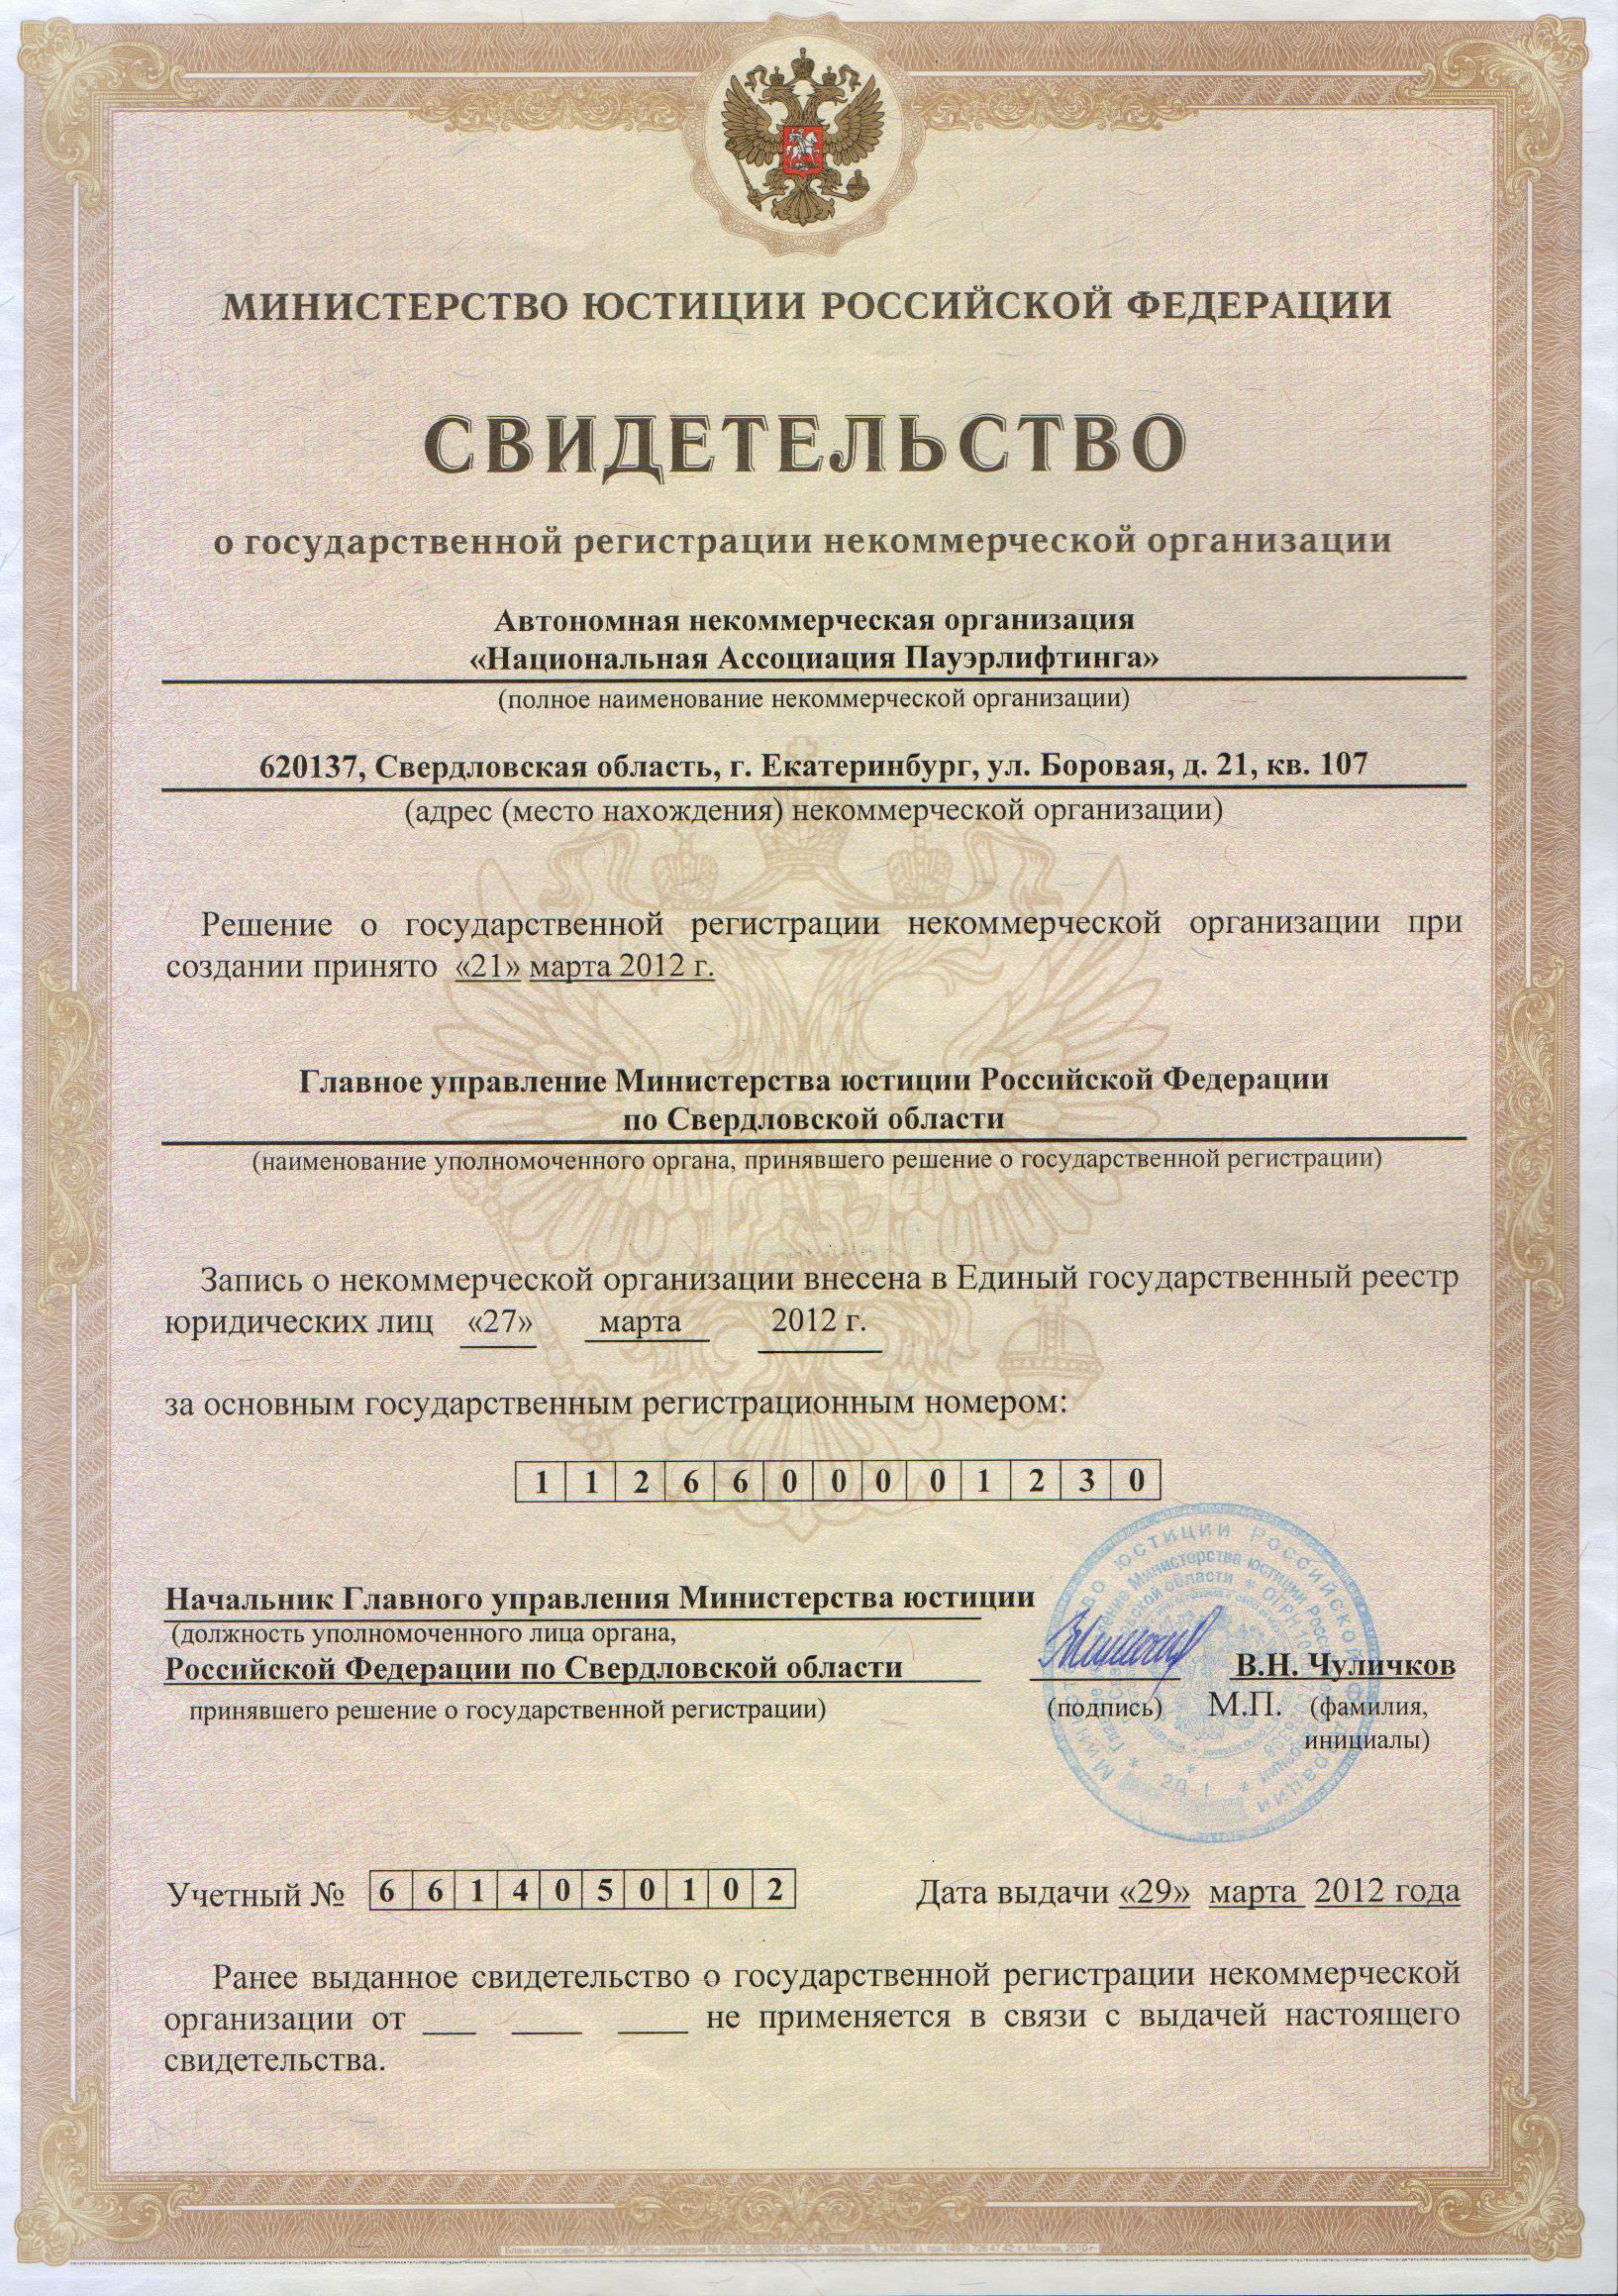 документы для регистрации ано